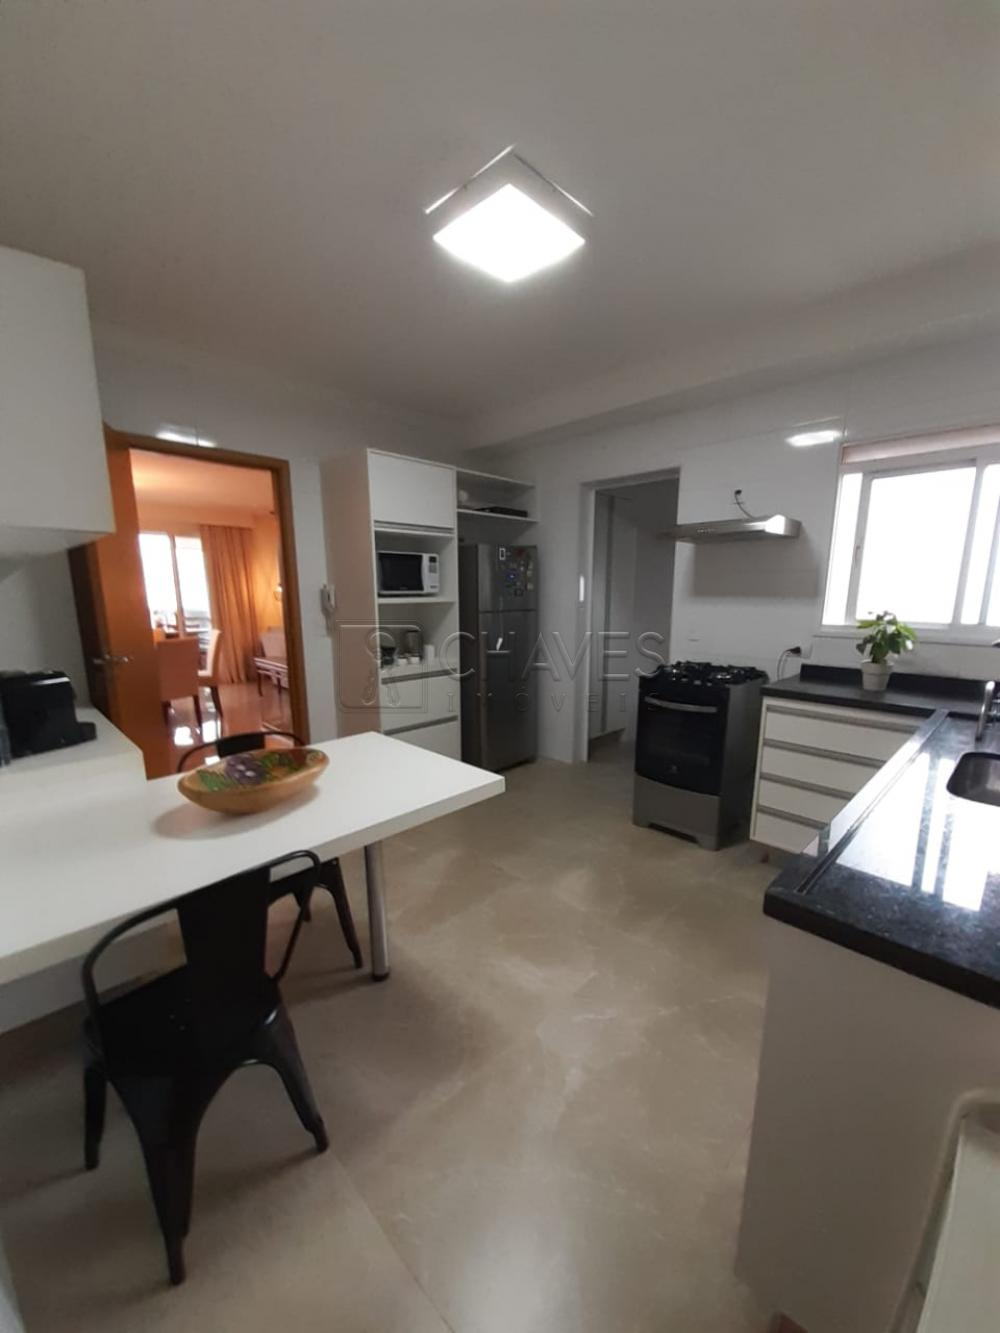 Comprar Apartamento / Padrão em Ribeirão Preto apenas R$ 700.000,00 - Foto 8